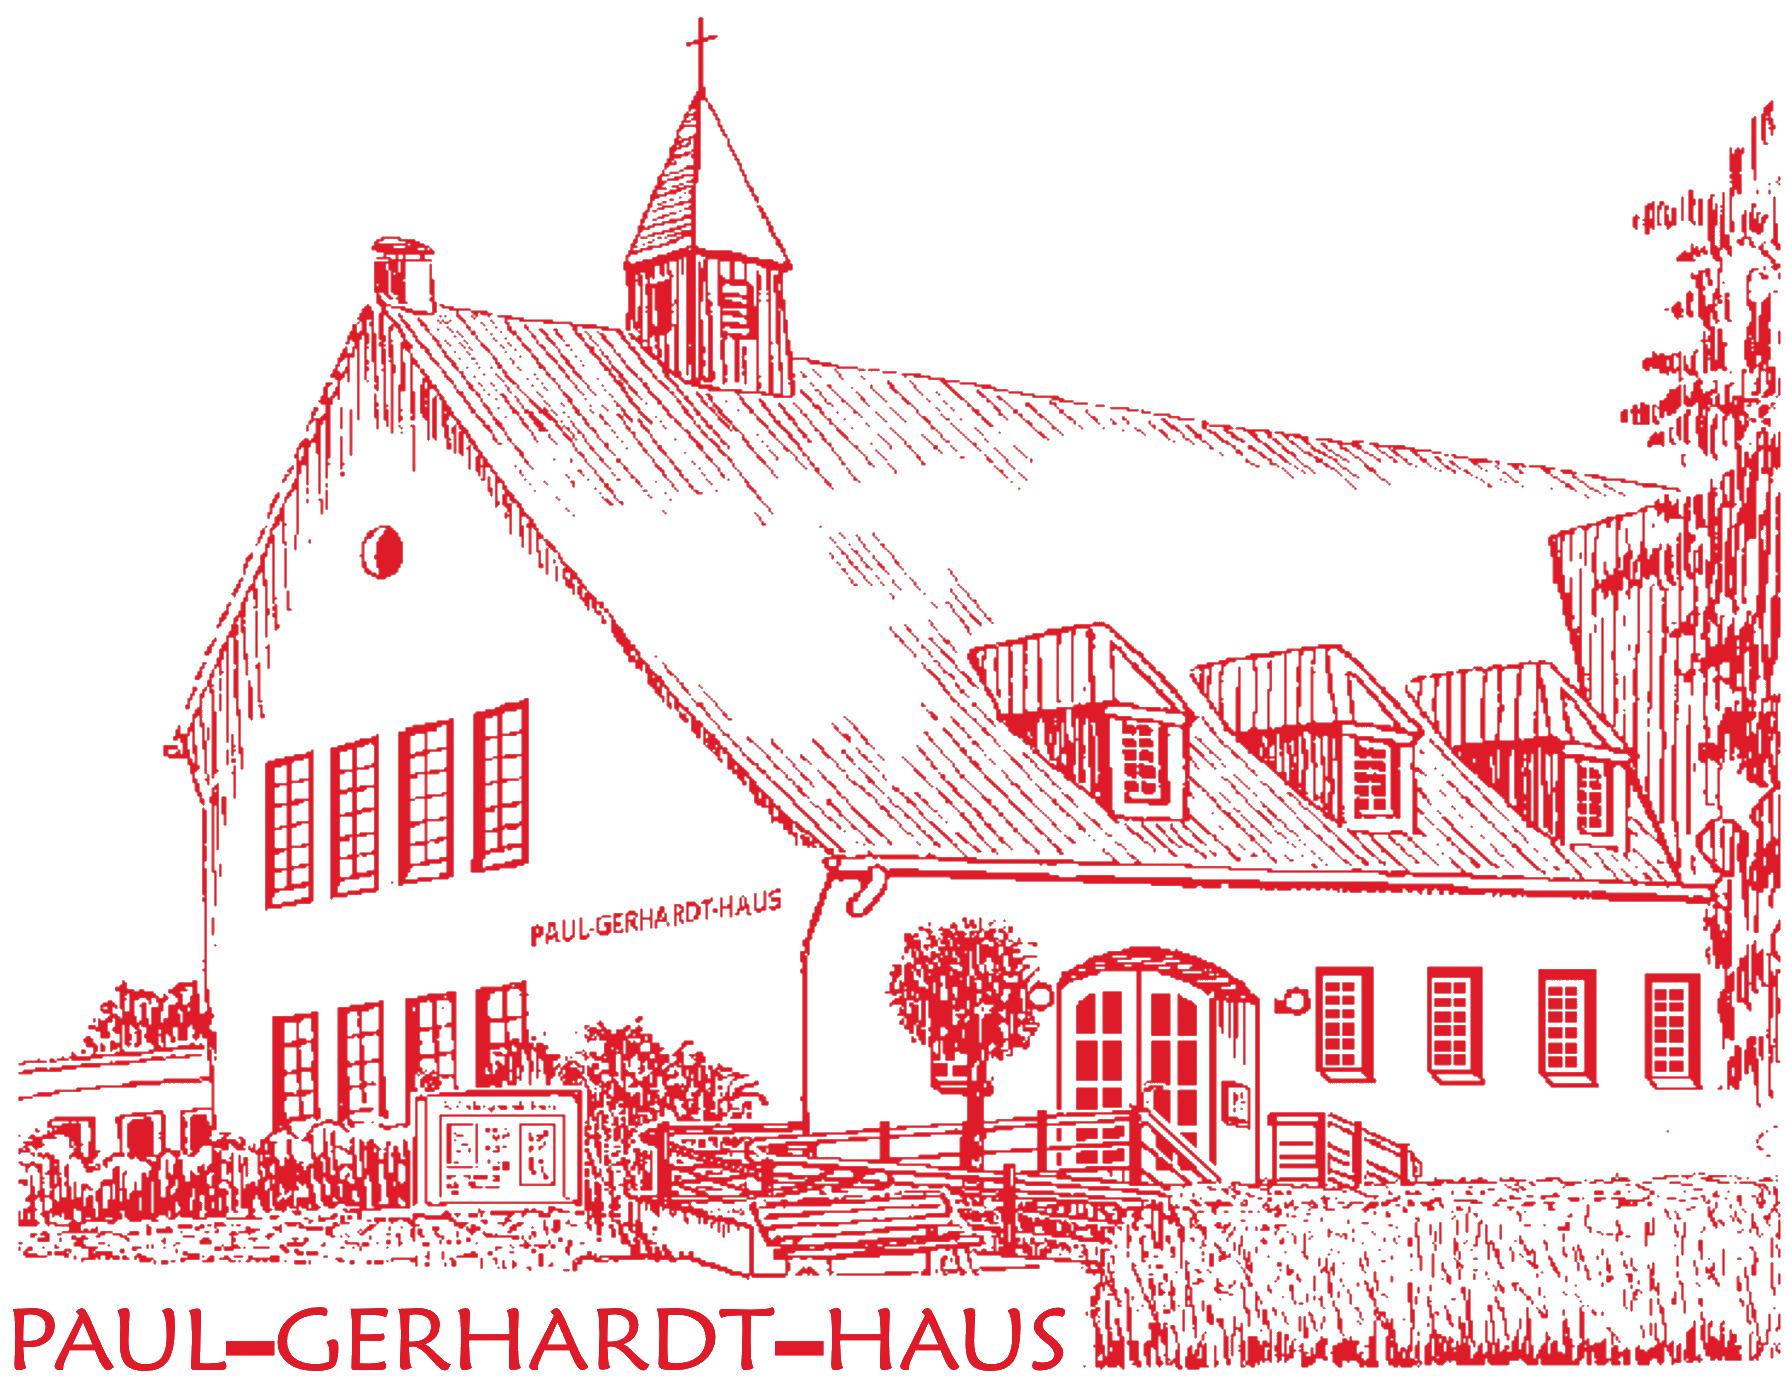 Taufe Evangelische Kirchengemeinde Rhede